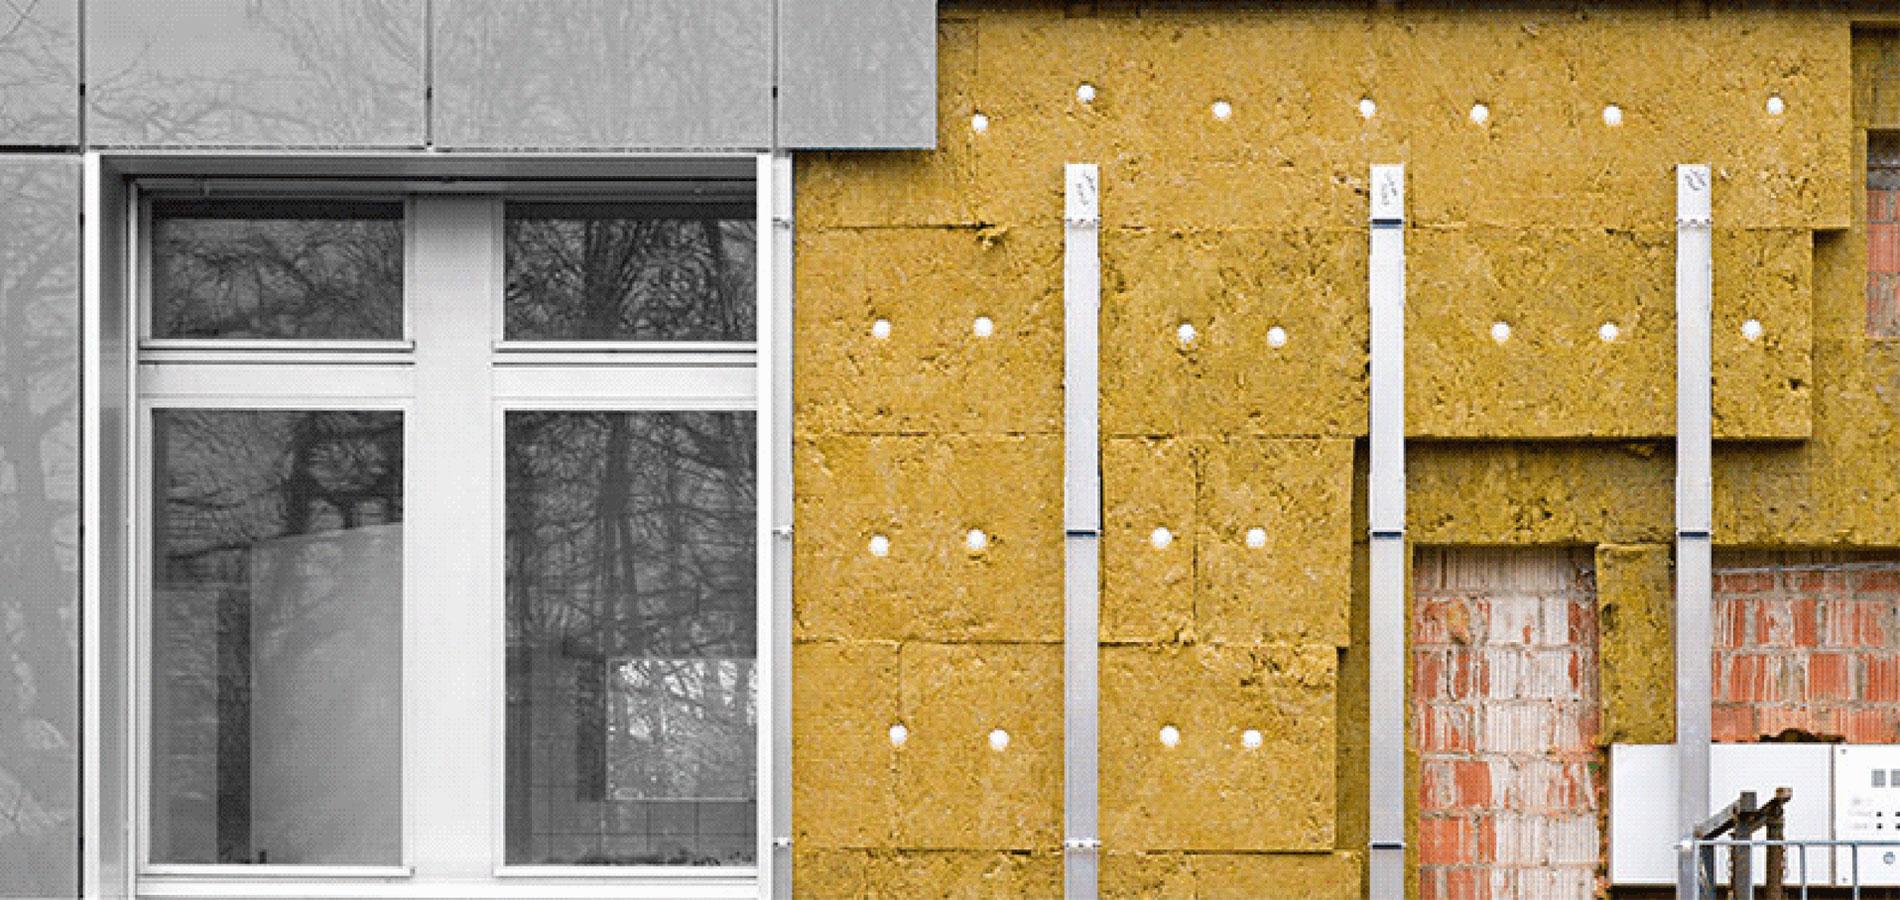 Rehabilitación profesional de fachadas en Zaragoza